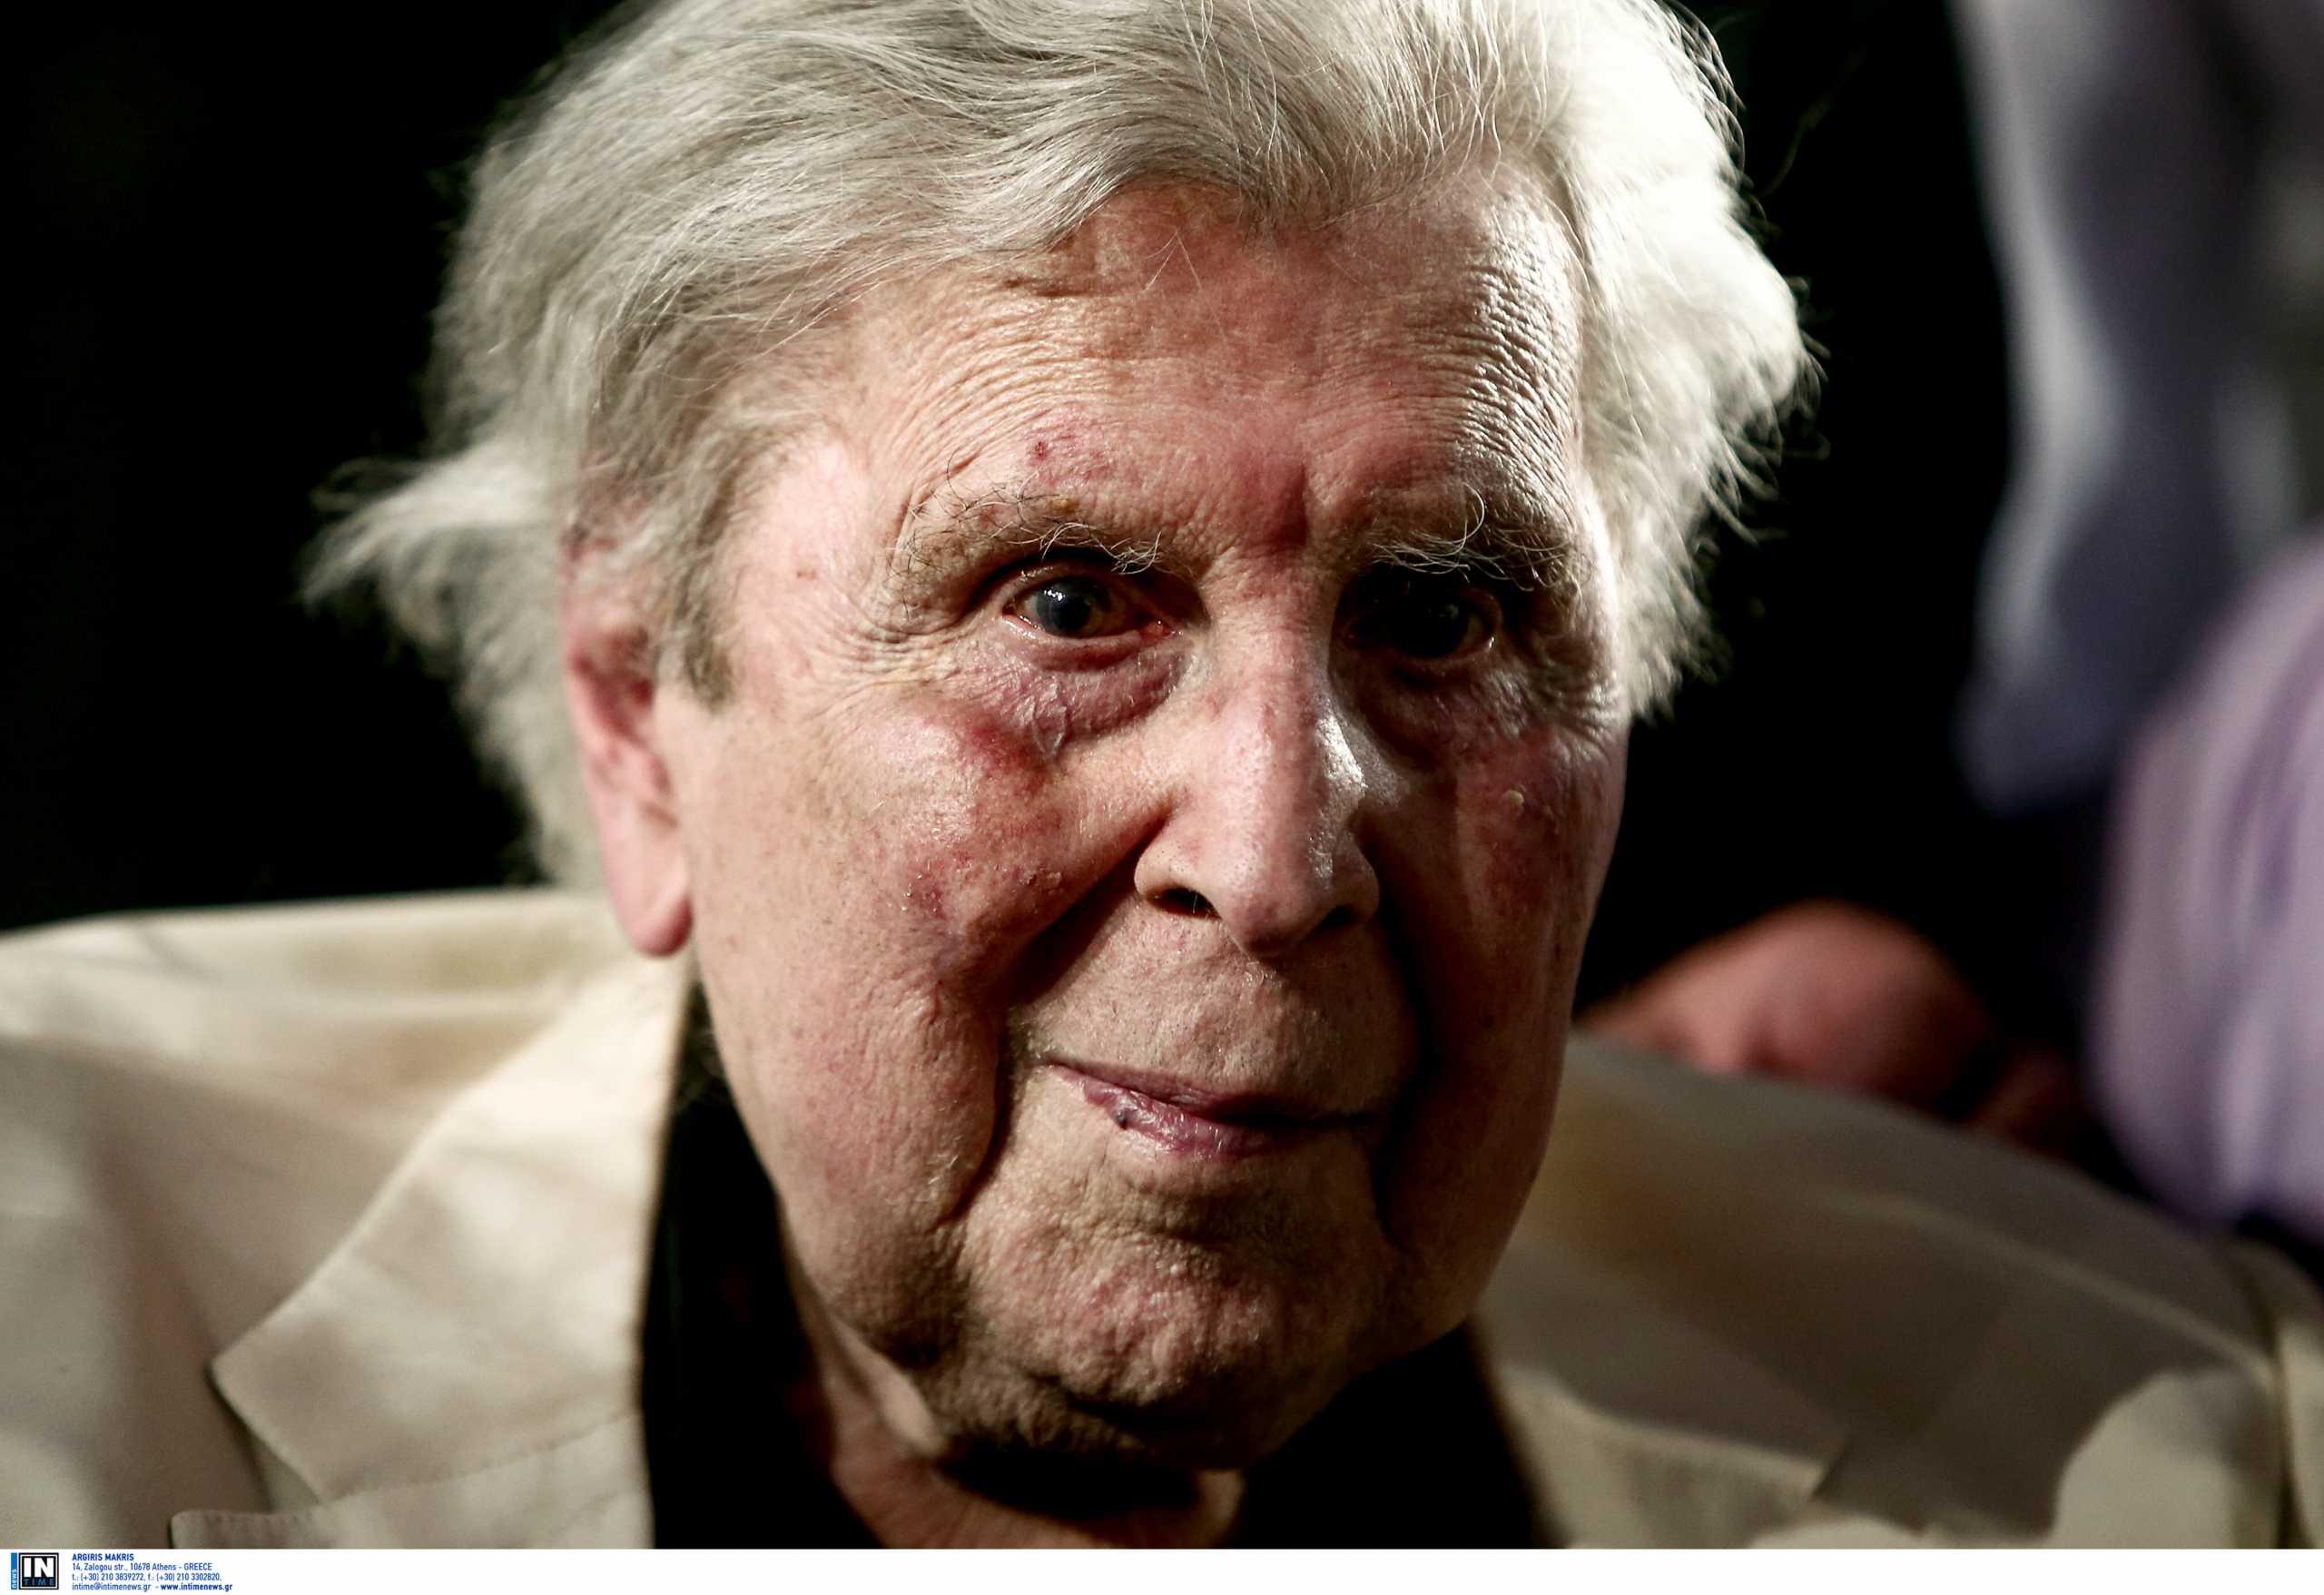 Μίκης Θεοδωράκης: Πότε θα γίνει το μνημόσυνο για τα σαράντα του σπουδαίου Έλληνα δημιουργού